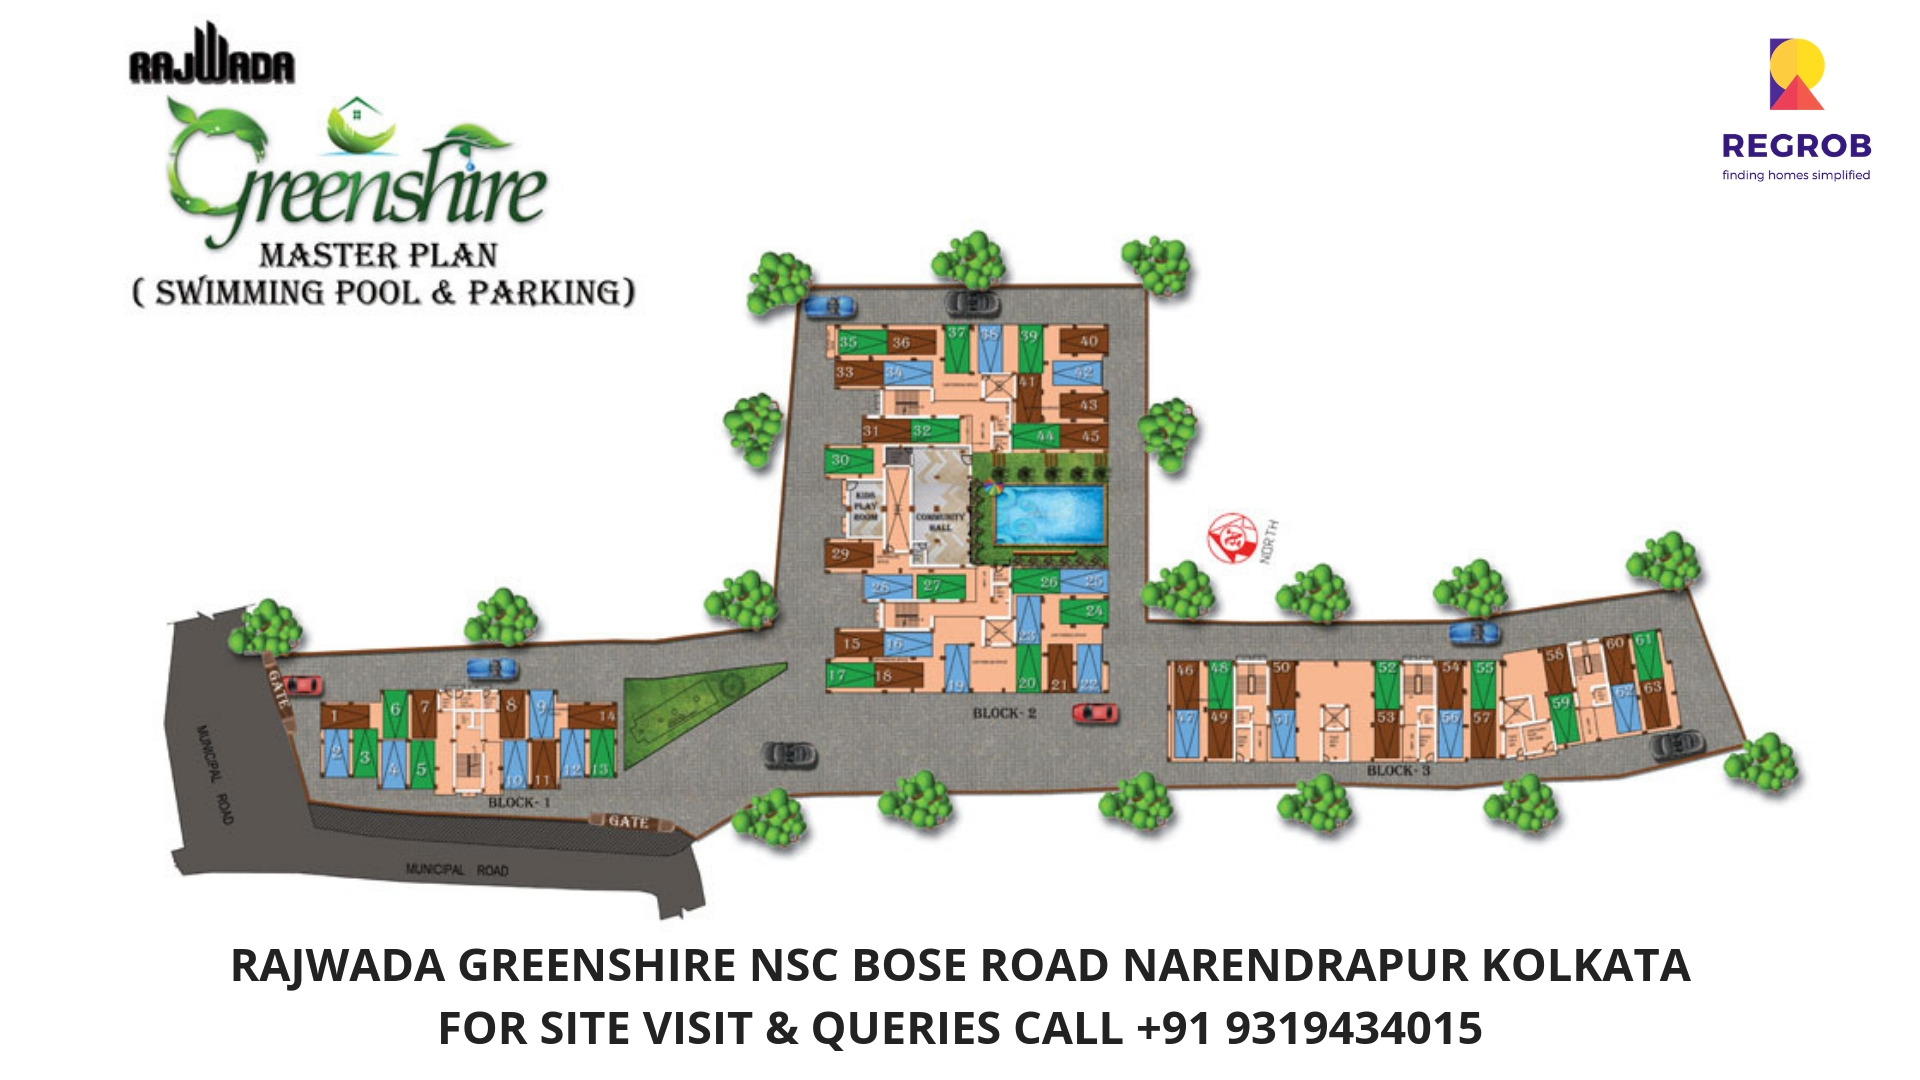 Rajwada Greenshire N.S.C Bose Road Narendrapur Kolkata